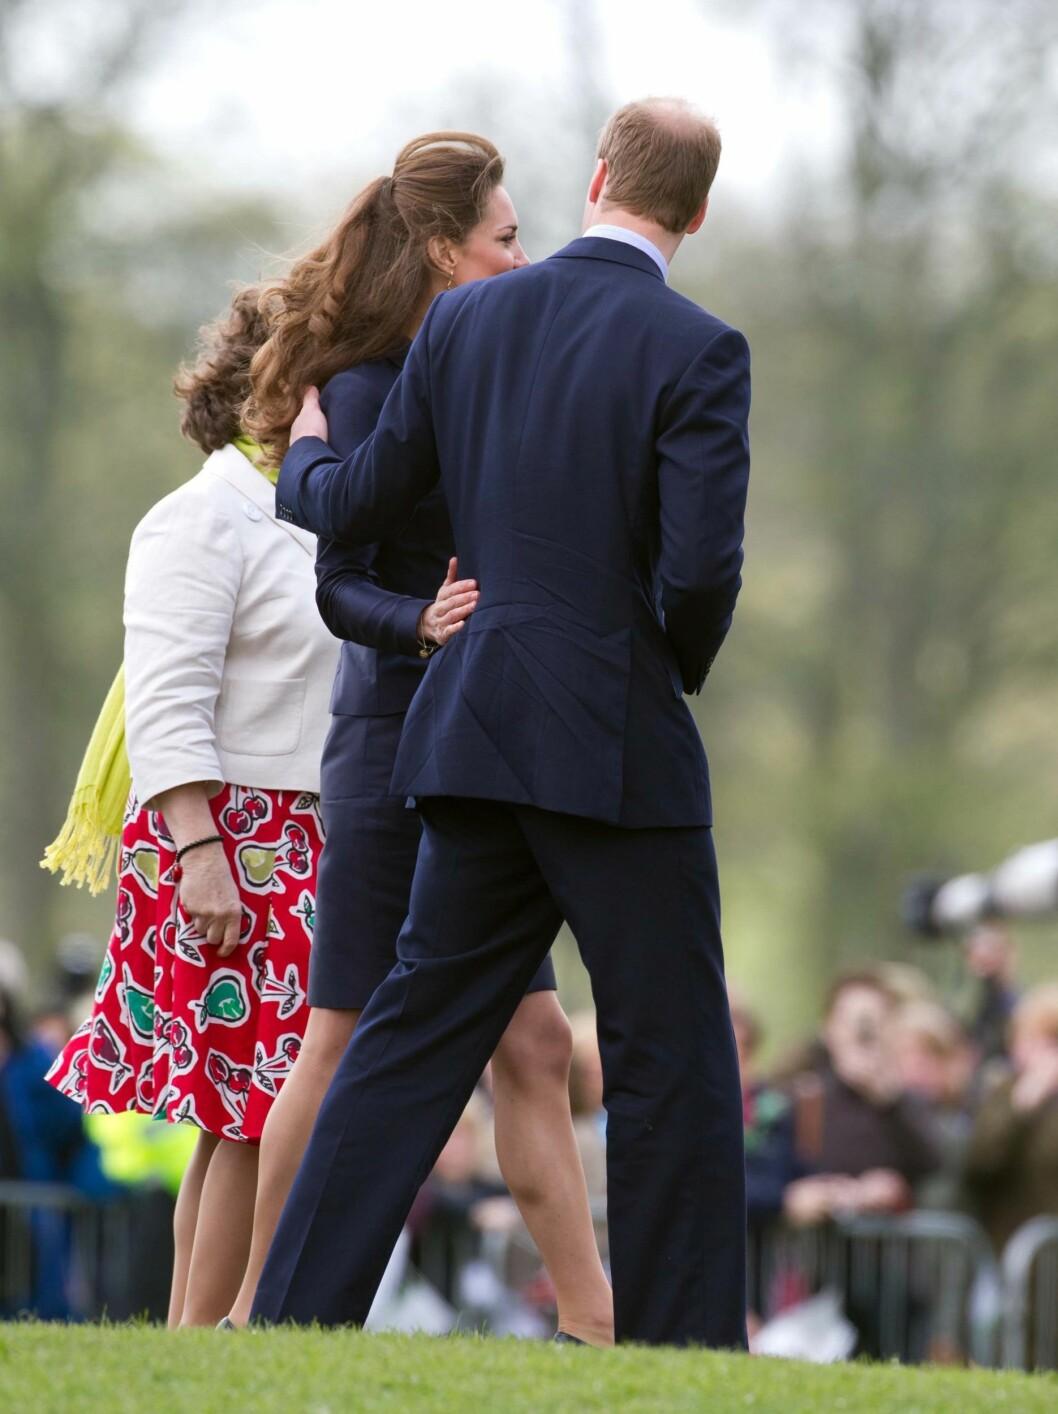 <strong>SISTE OPPTREDEN:</strong> Kate Middleton og Prins William besøkte mandag skolen Darwen og så Witton Country Park i Lancastershire, på sitt siste offisielle oppdrag før bryllupet. Kate hadde tydelig gått ned i vekt.  Foto: All Over Press